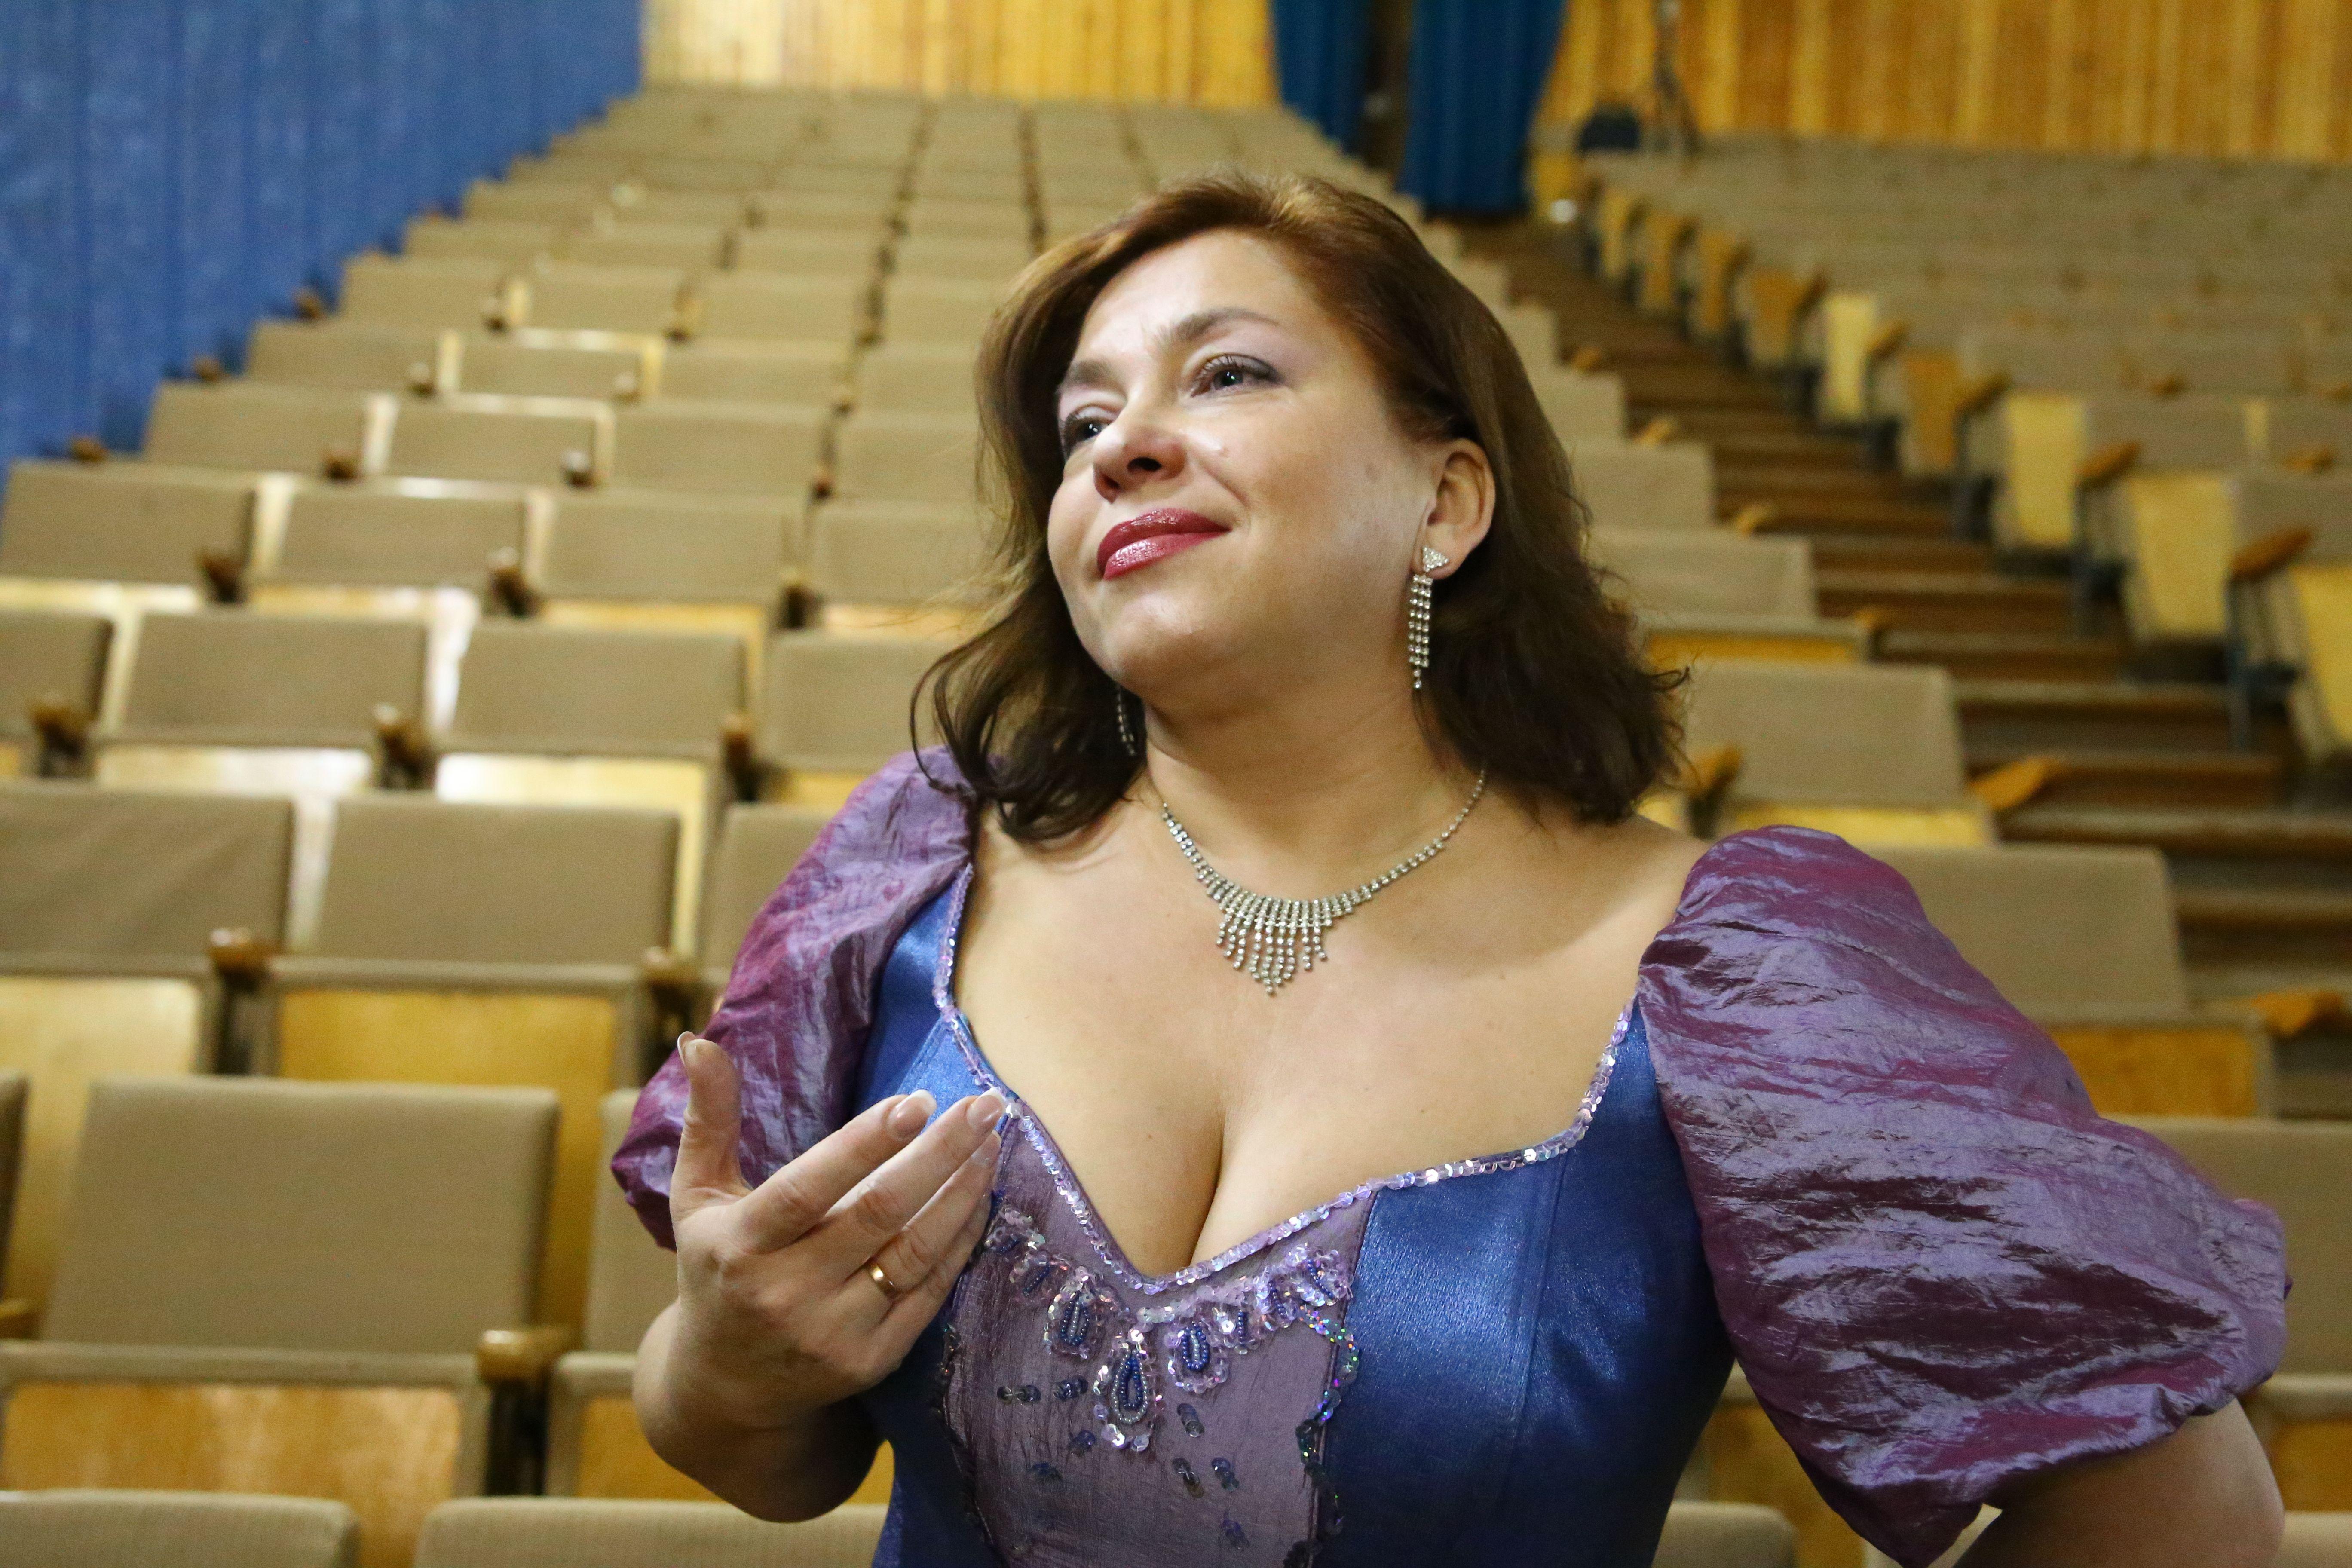 Оперная певица и преподаватель музыкального колледжа Лолита Сивохо свою жизнь посвятила пению на сцене. Фото: Евгений ТИХАНОВИЧ